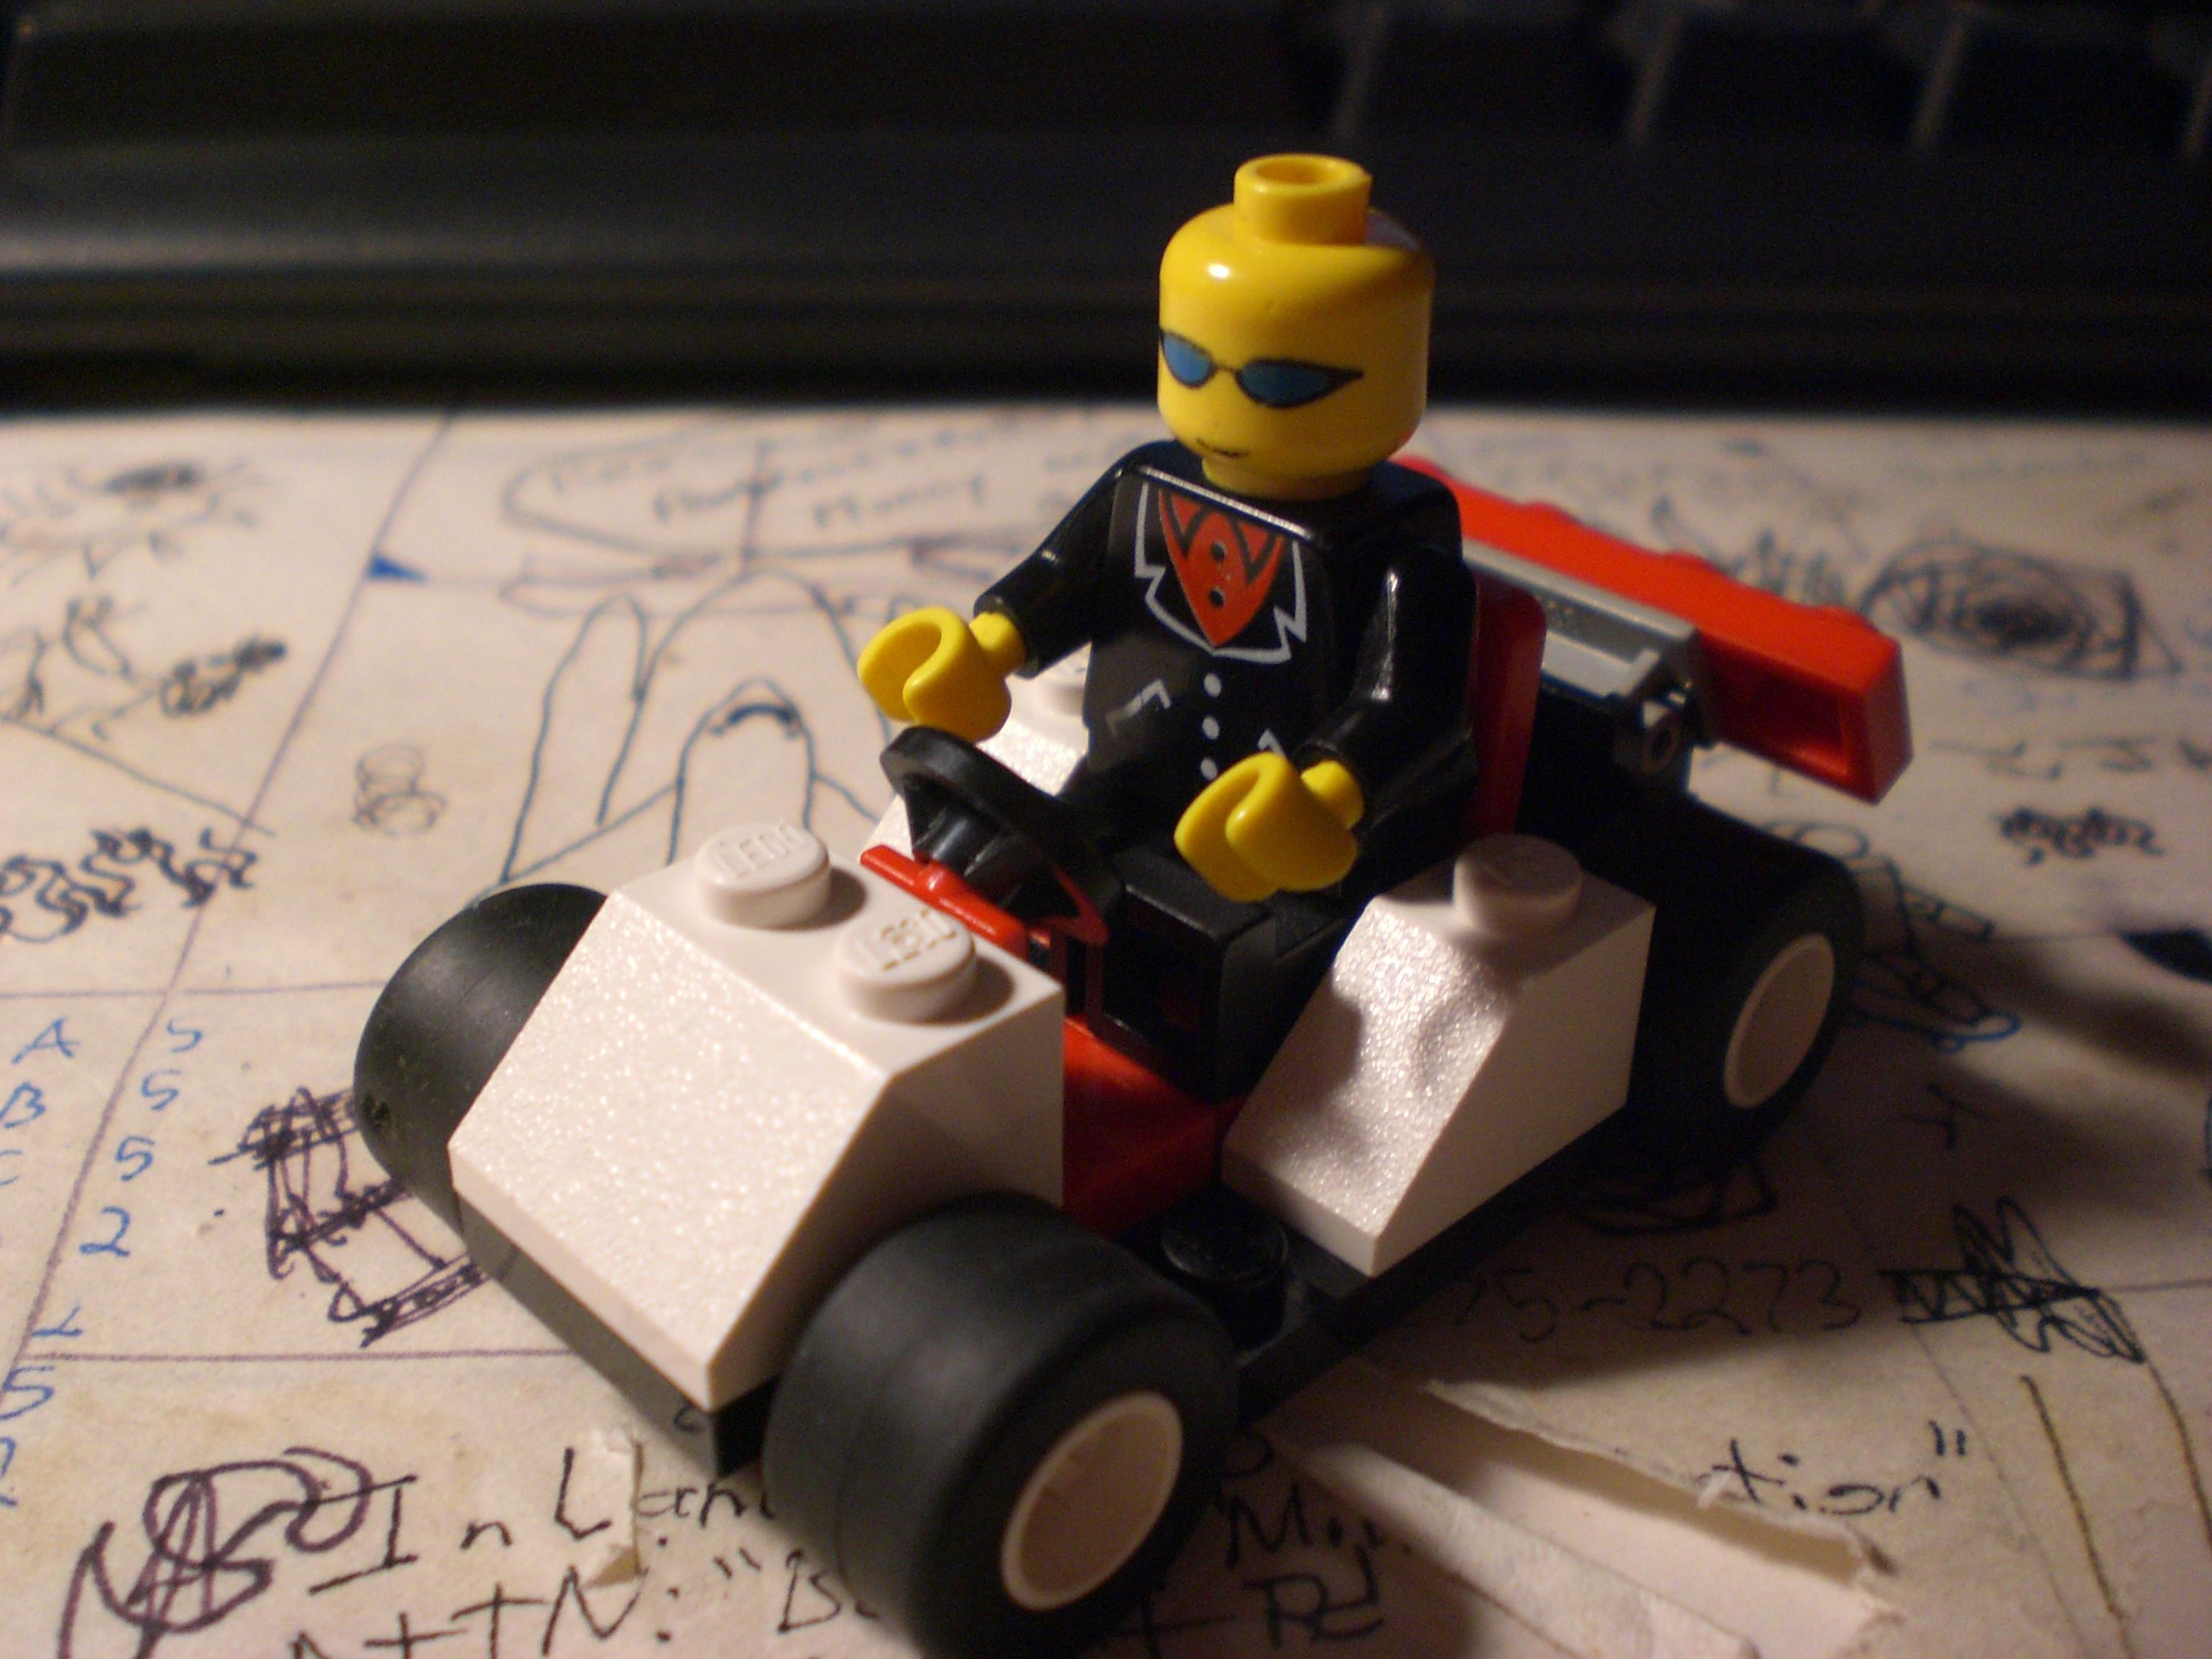 Lego Go-cart